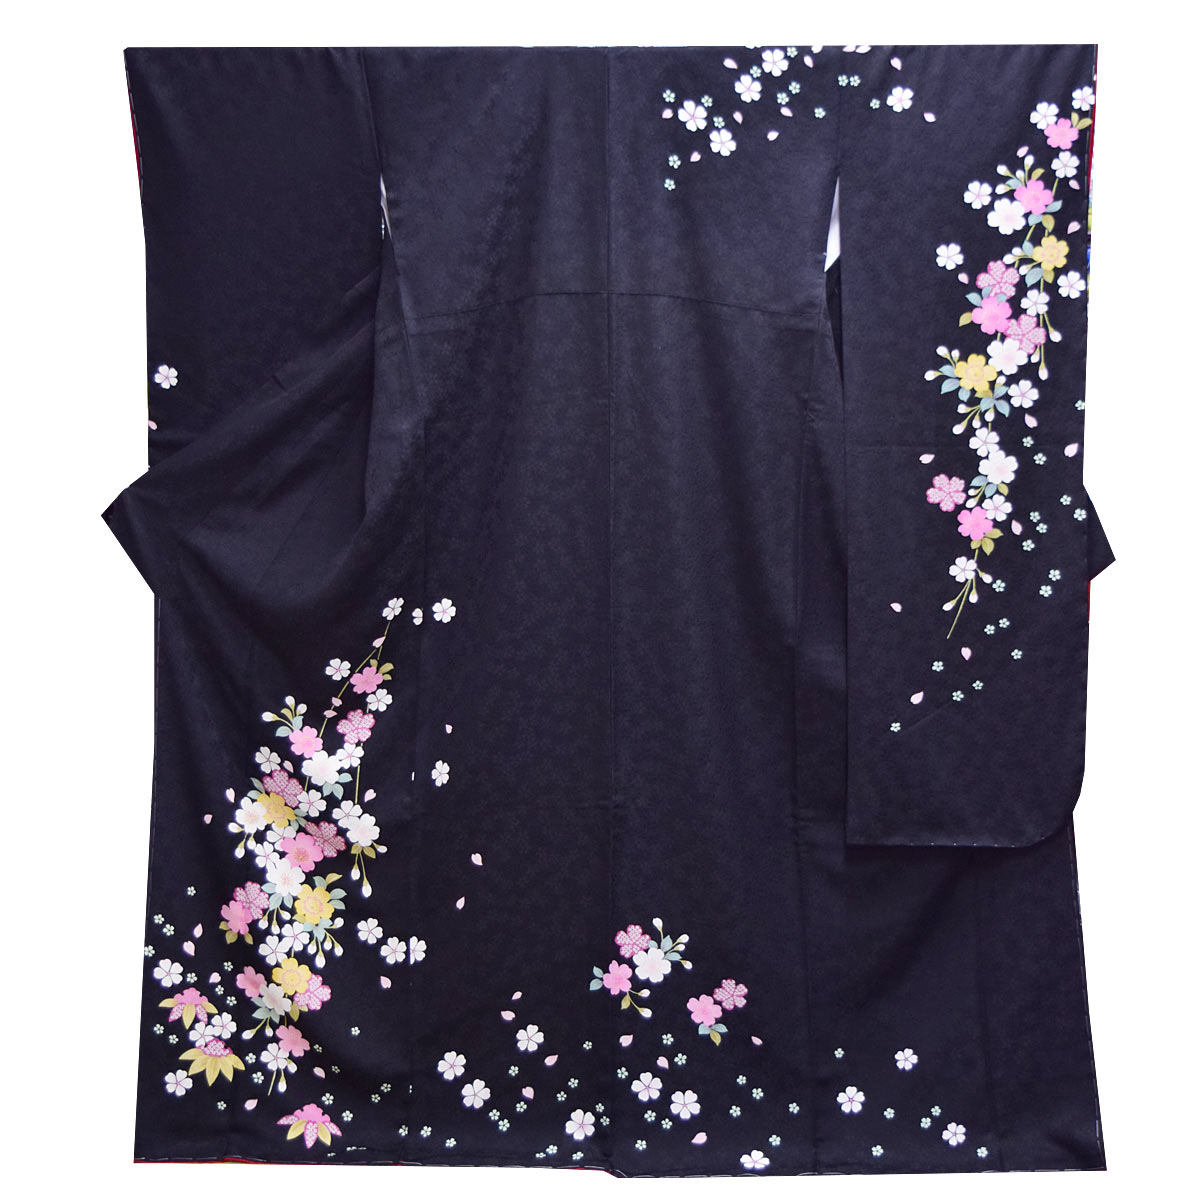 高級 仕立て上がり 振袖 単品成人式 結婚式 パーティー 礼装 黒 赤 桜 花柄番号d401-3